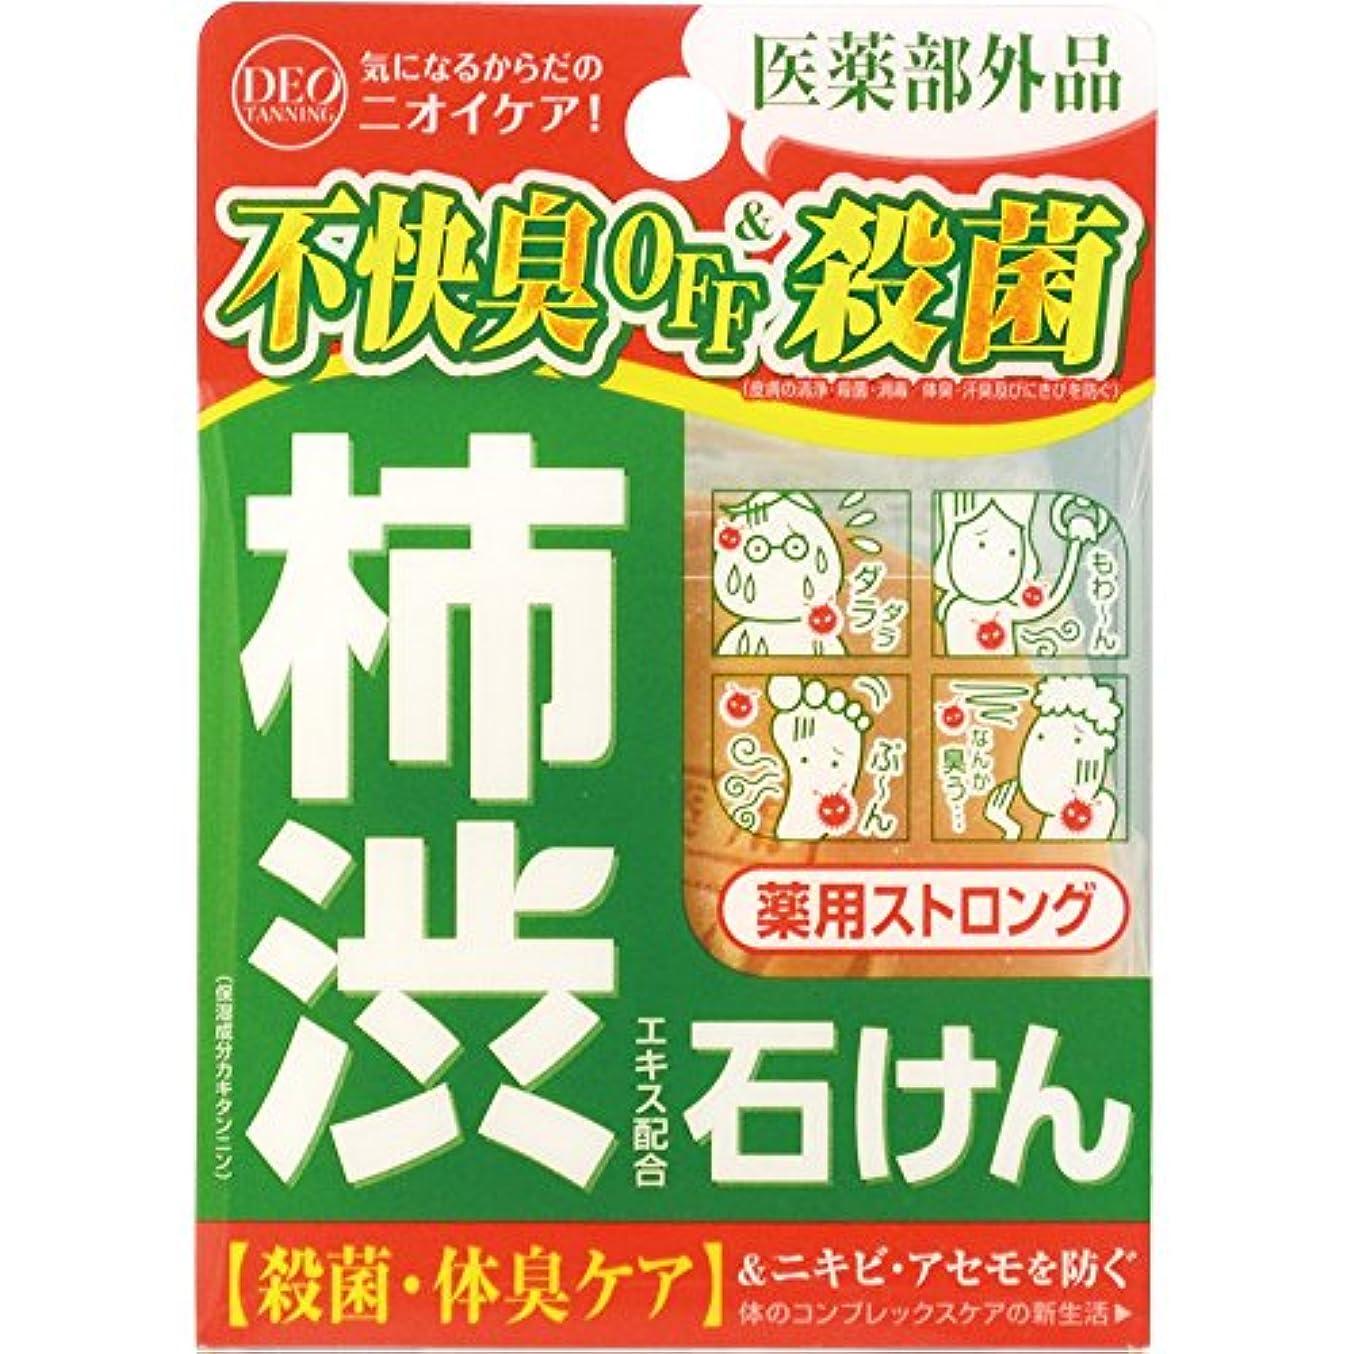 のホスト小麦粉層デオタンニング 薬用ストロング ソープ 100g (医薬部外品)